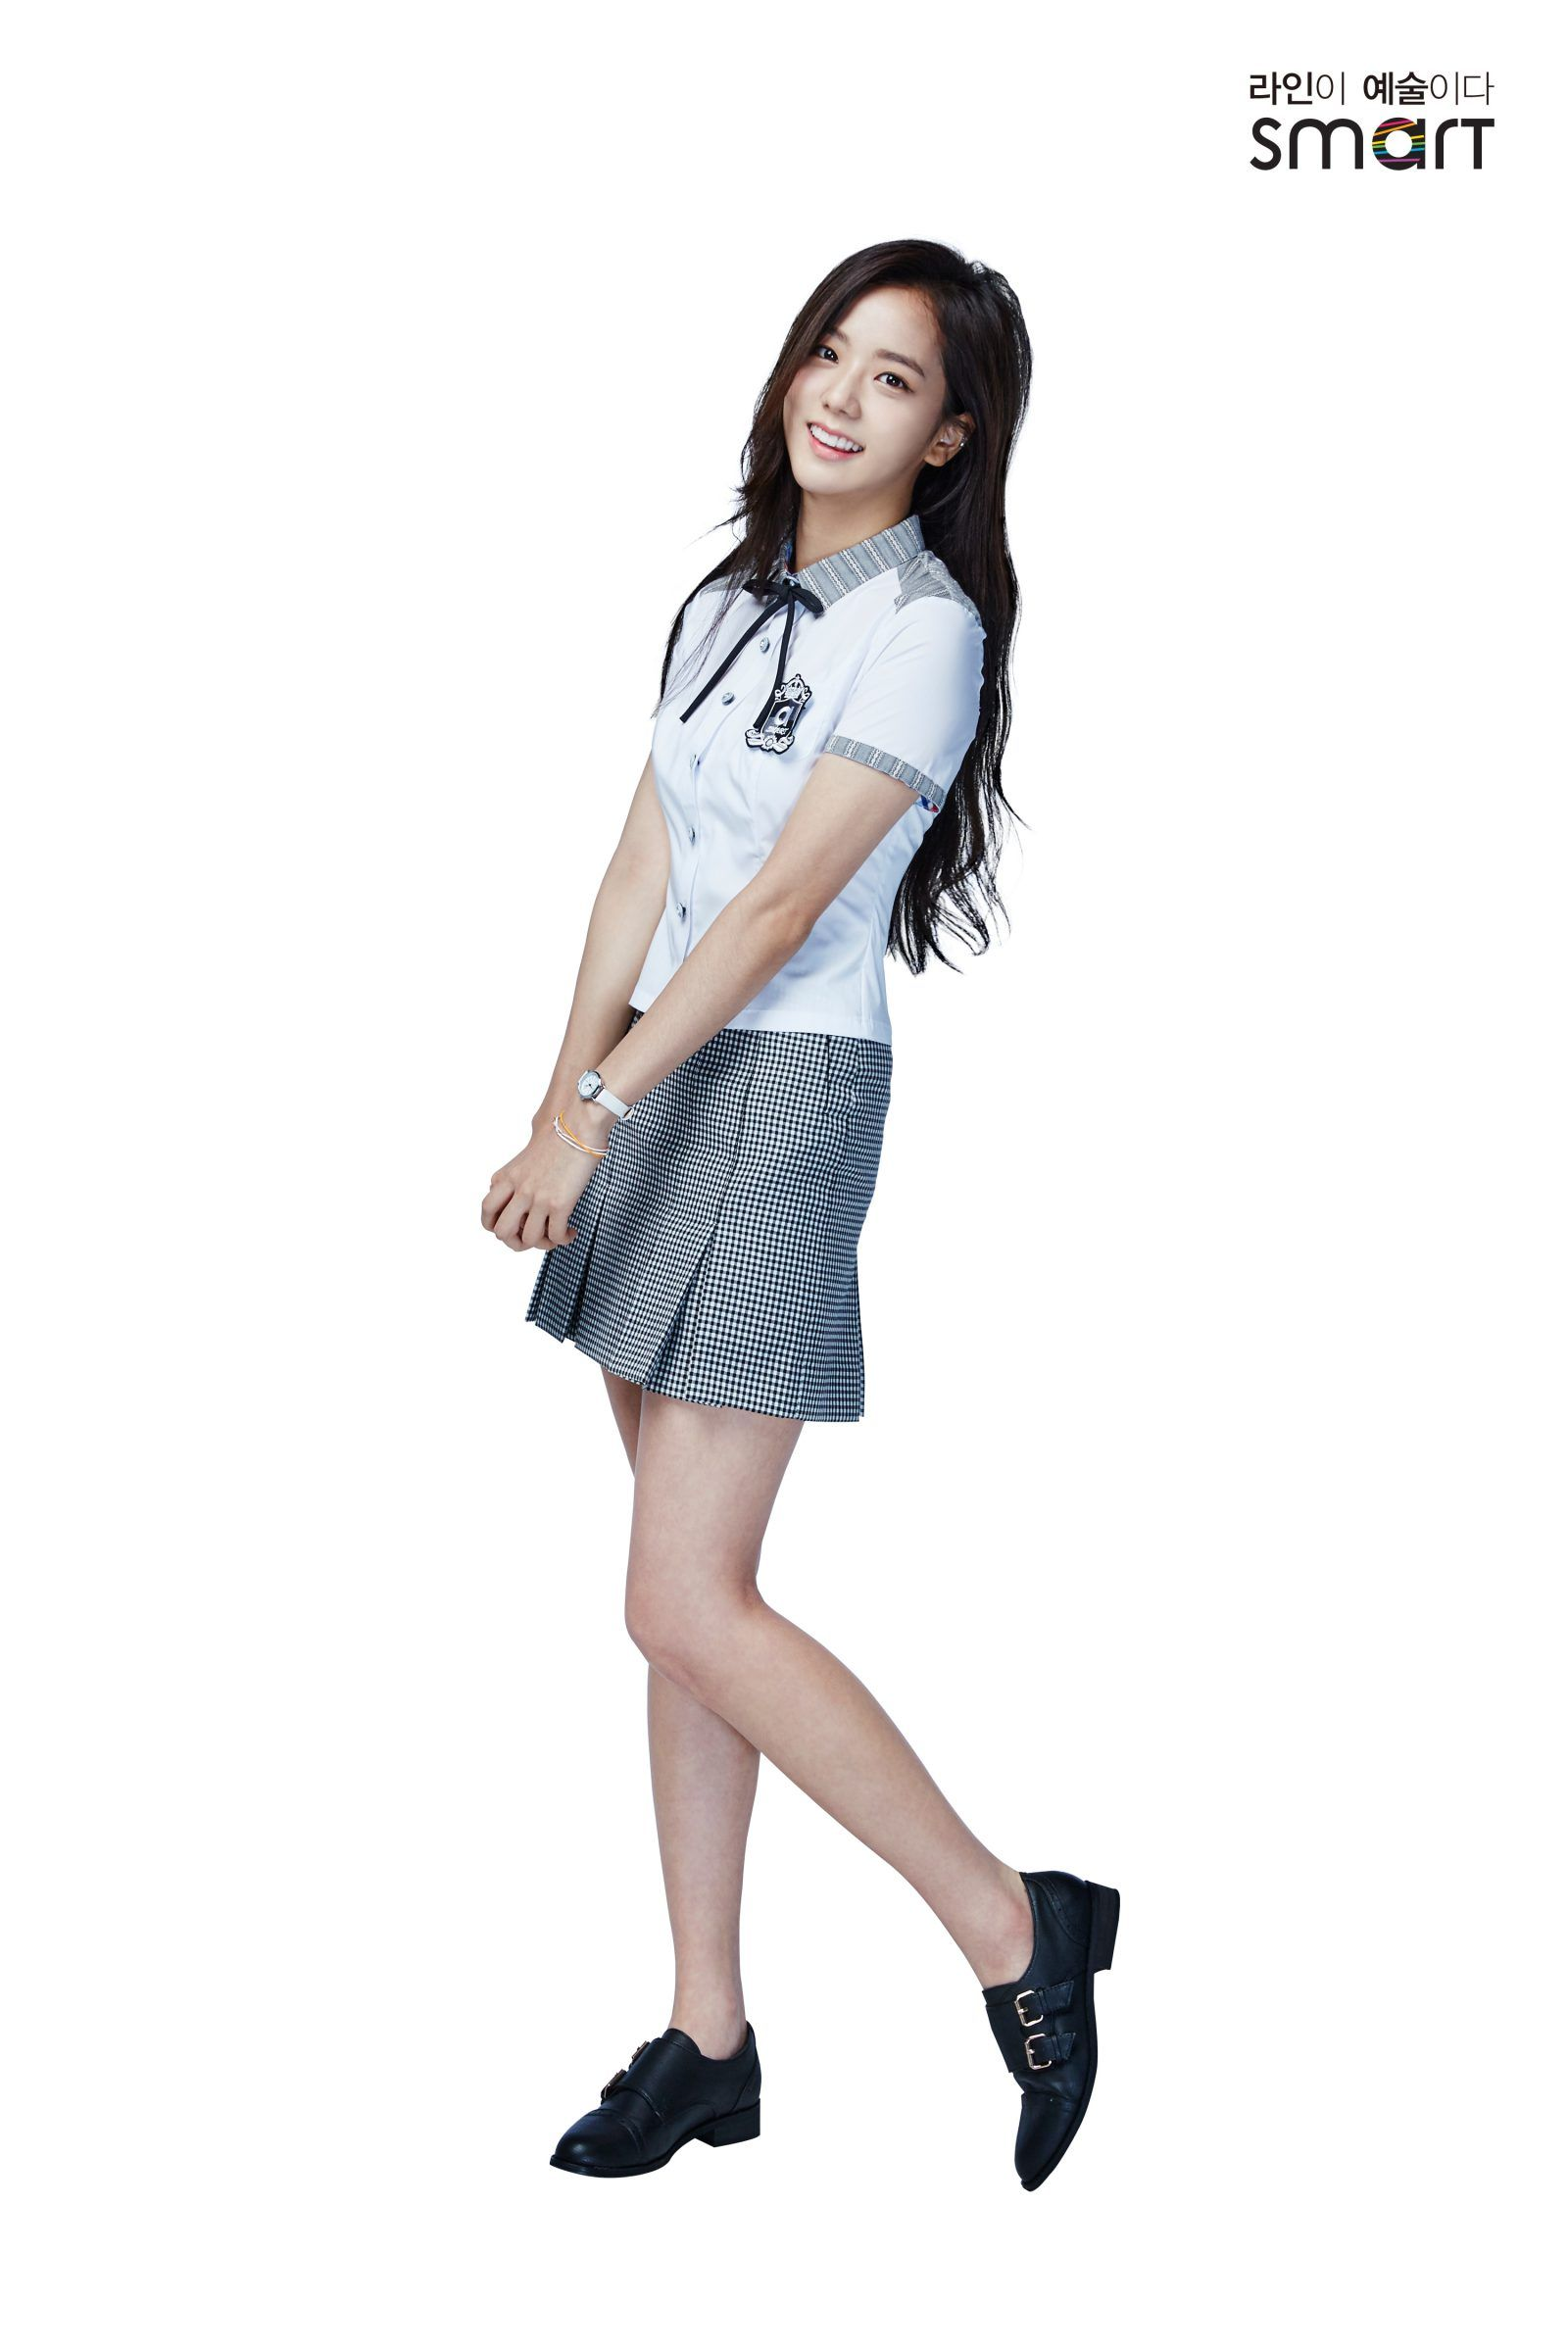 Fans Discover Pre-Debut Photos Of BLACKPINK Jisoo In School Uniform u2014 Koreaboo | BLACKPINK ...